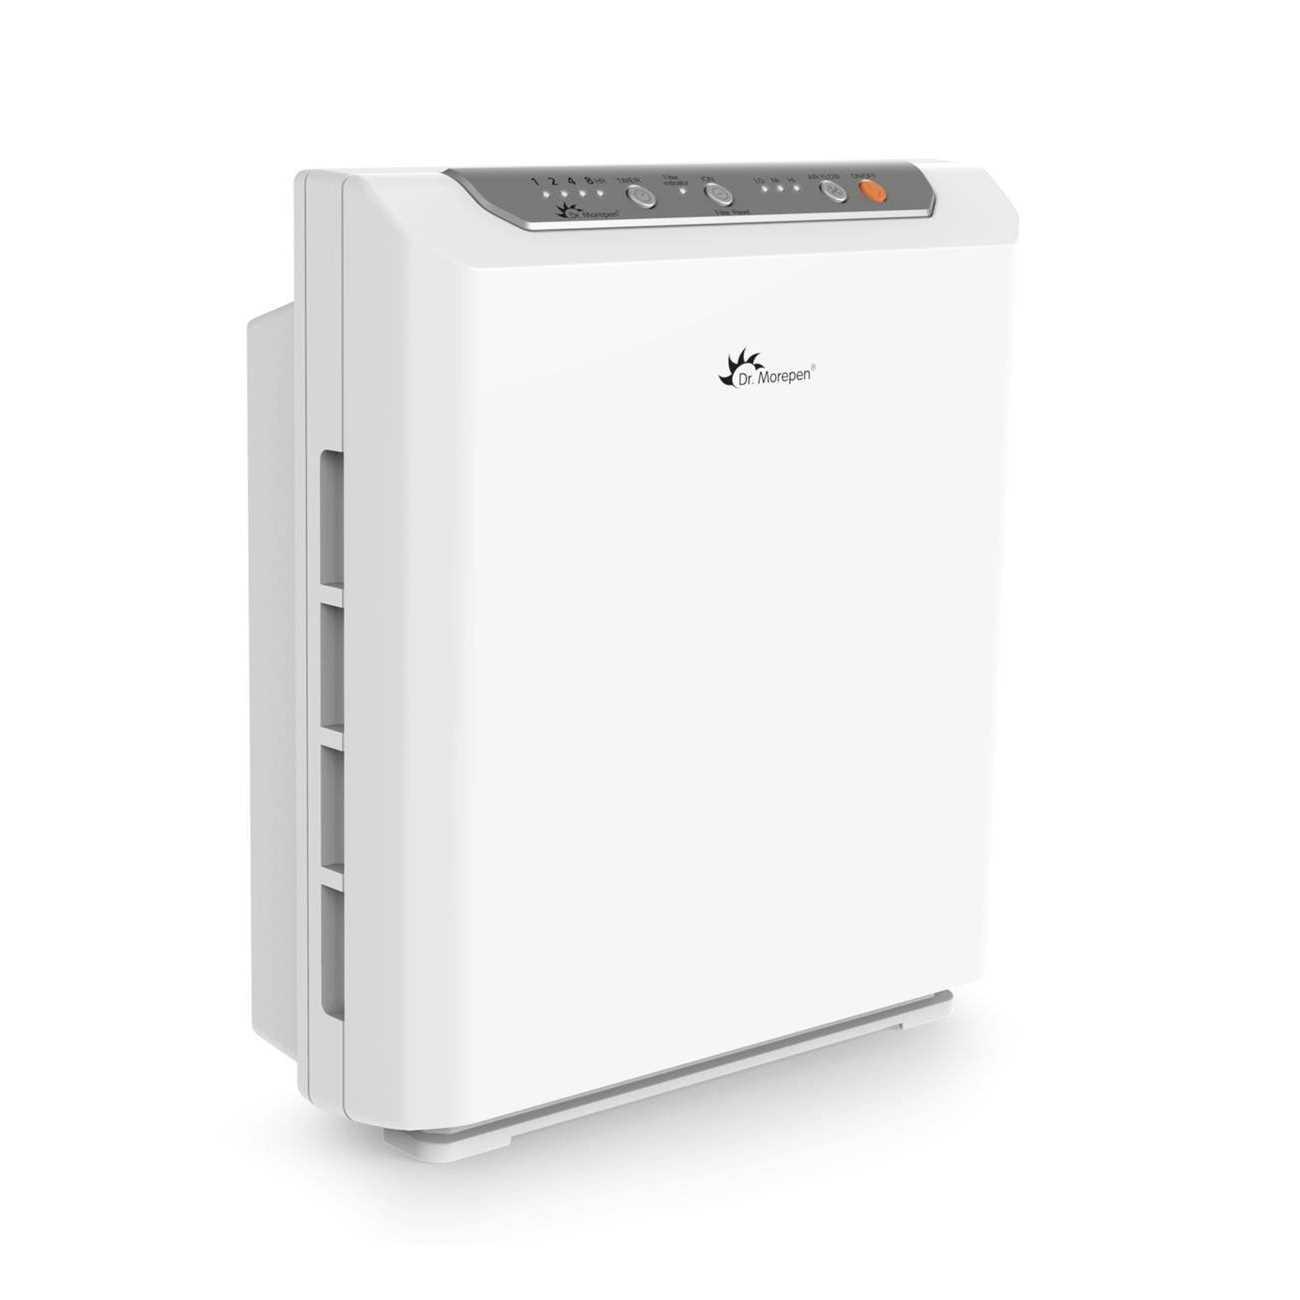 Dr Morpen APF-01 Room Air Purifier